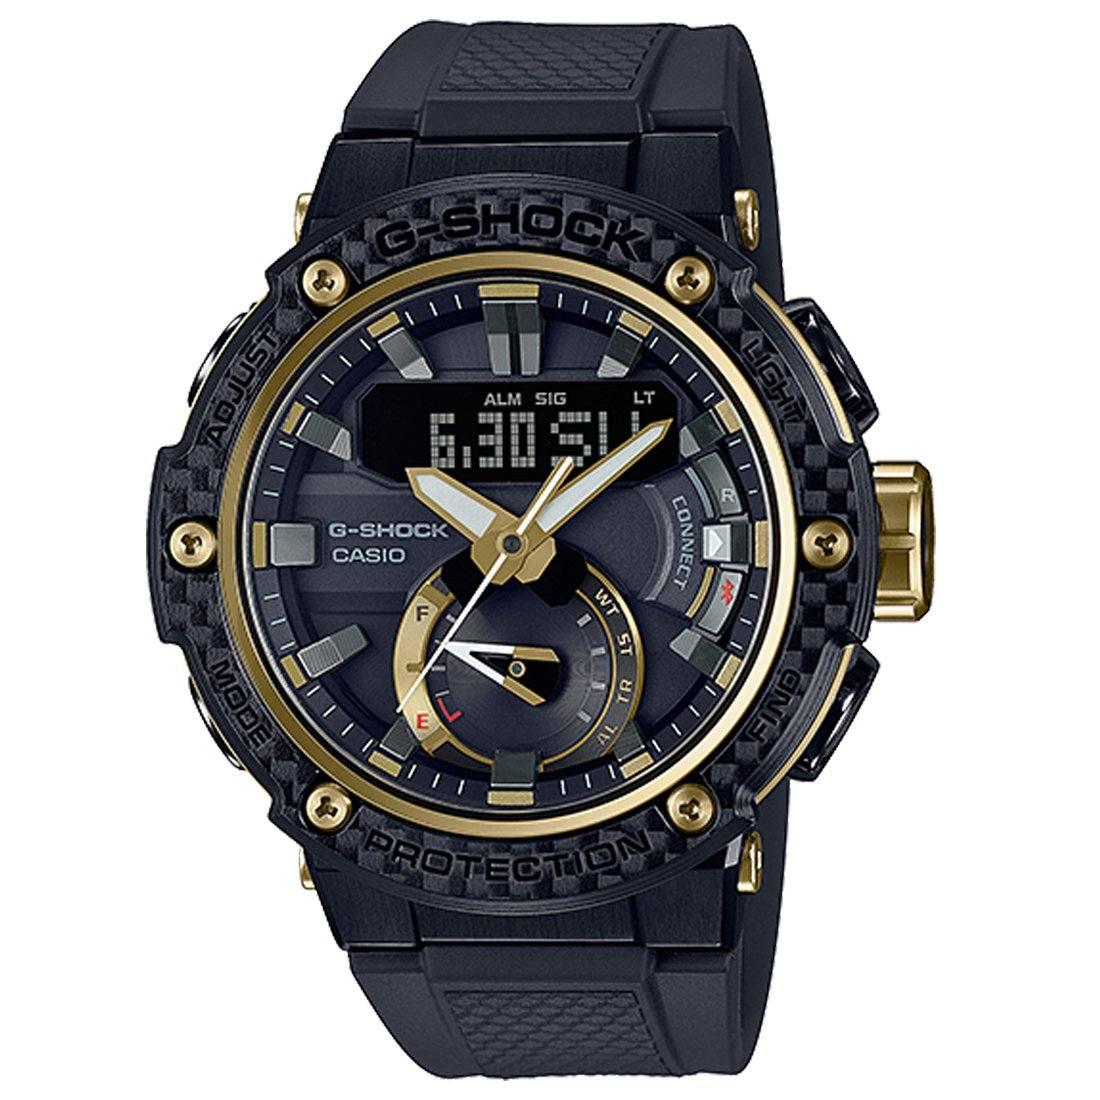 Casio G Shock G-Steel Series with Black/Gold Watch GST-B200X-1A9 4549526245695